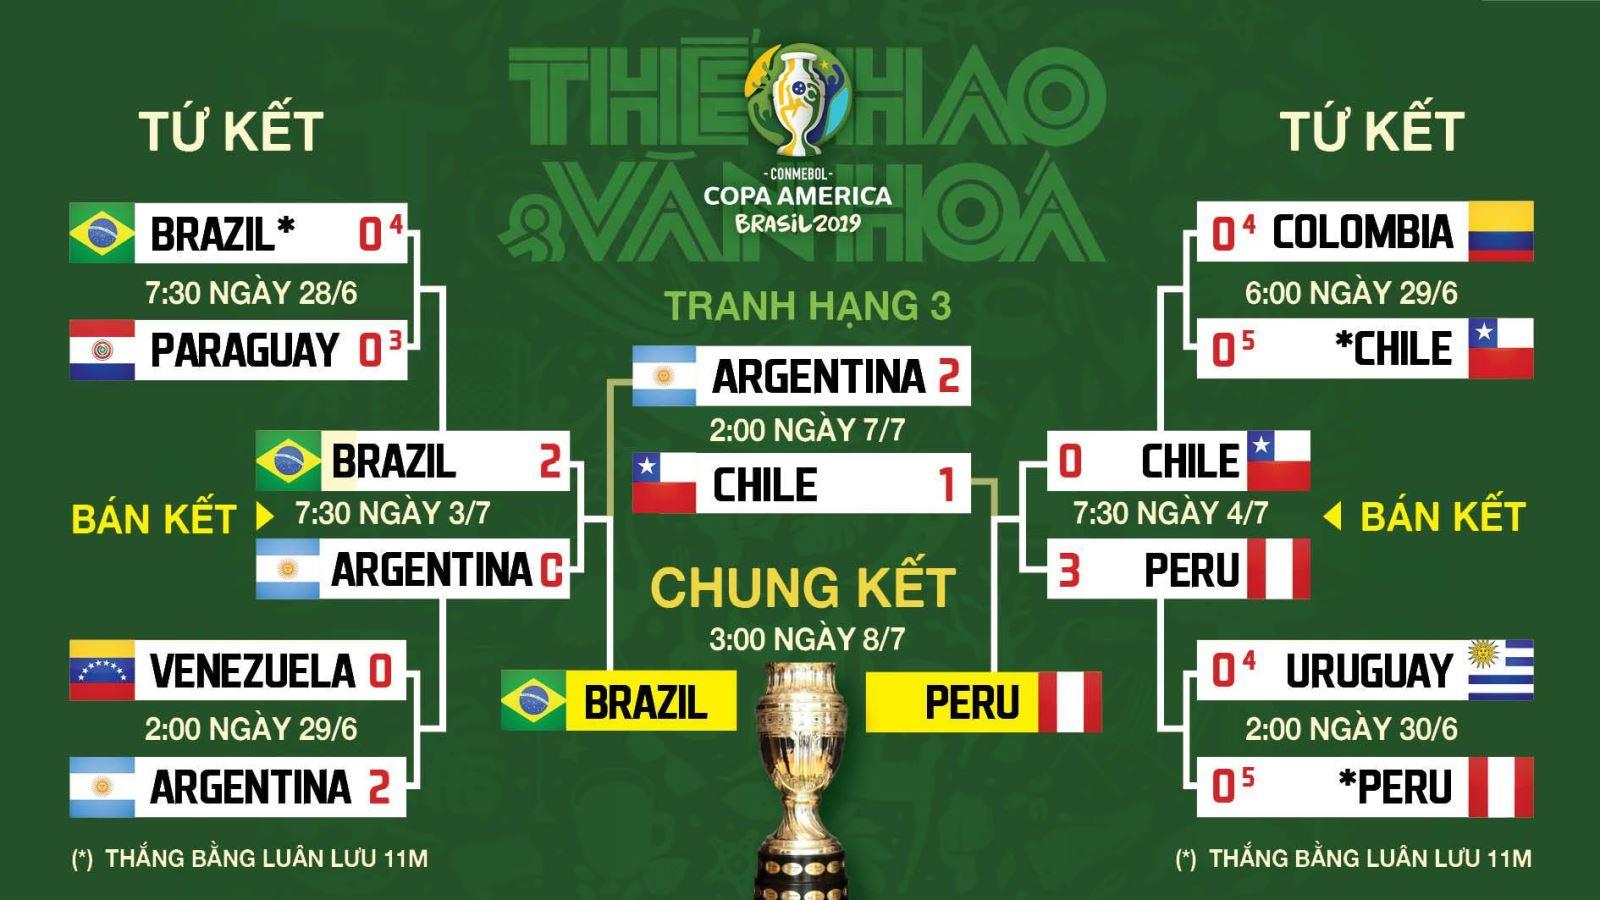 Trực tiếp bóng đá: Brazil vs Peru. Lịch thi đấu chung kết Copa America 2019. Lịch thi đấu Copa America. Lịch thi đấu Copa America Nam Mỹ 2019. Lịch thi đấu bóng đá Copa America 2019.